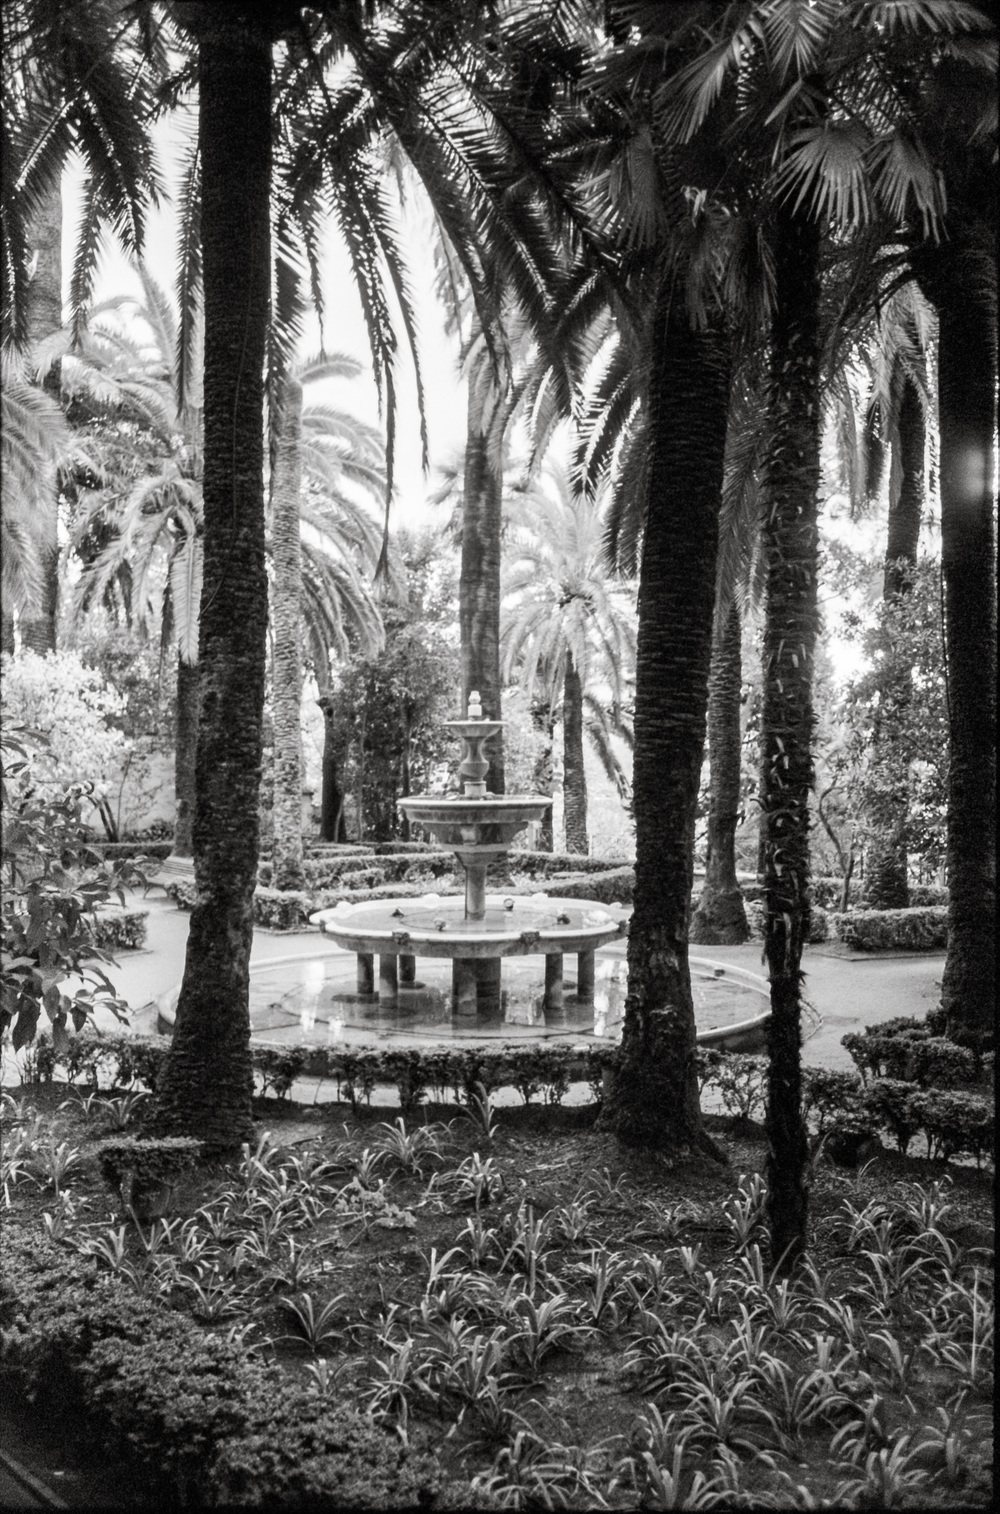 Granada, Spain (2012)